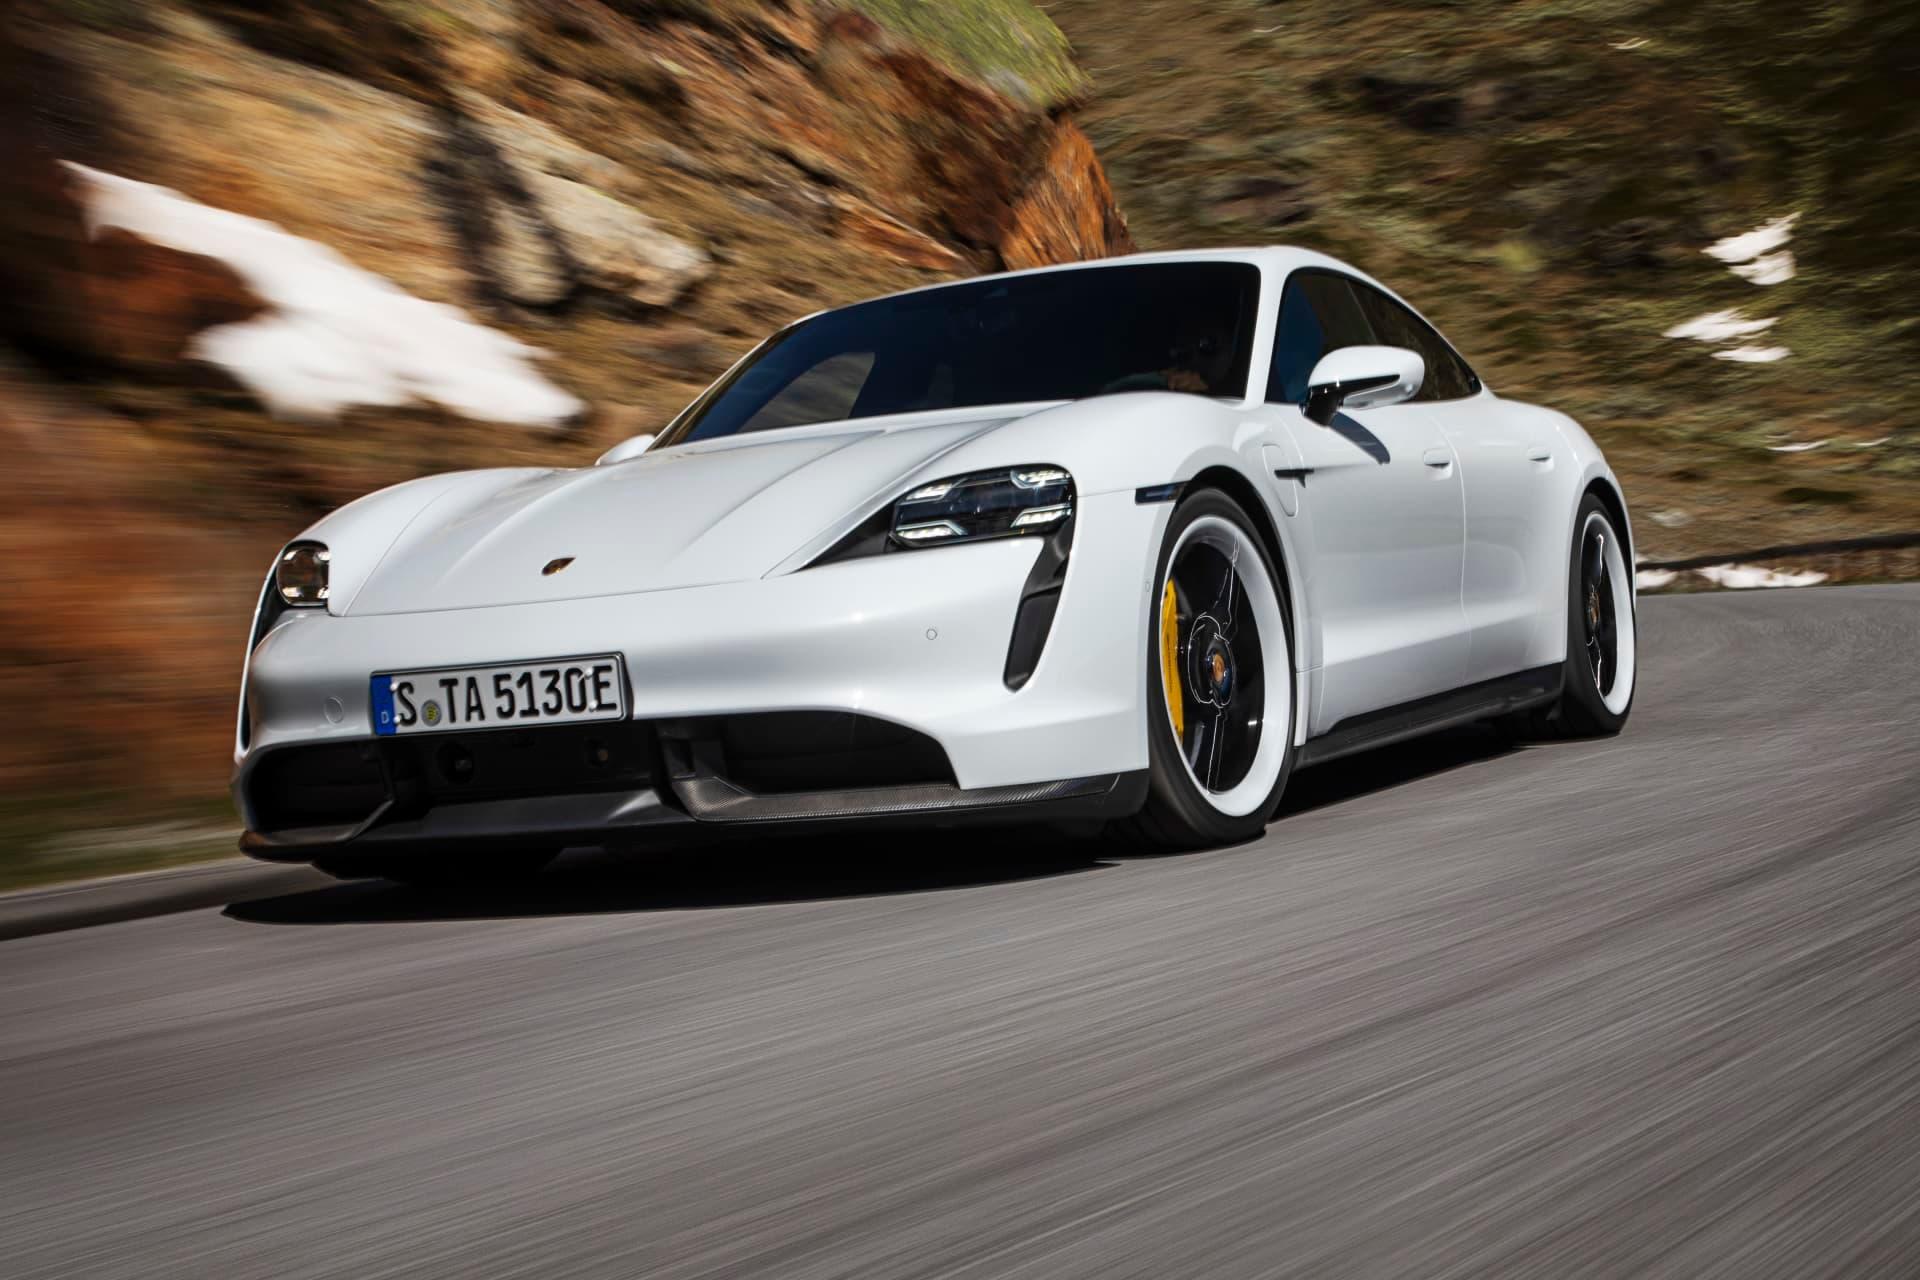 El Porsche más vendido en Europa ya no es térmico: es eléctrico